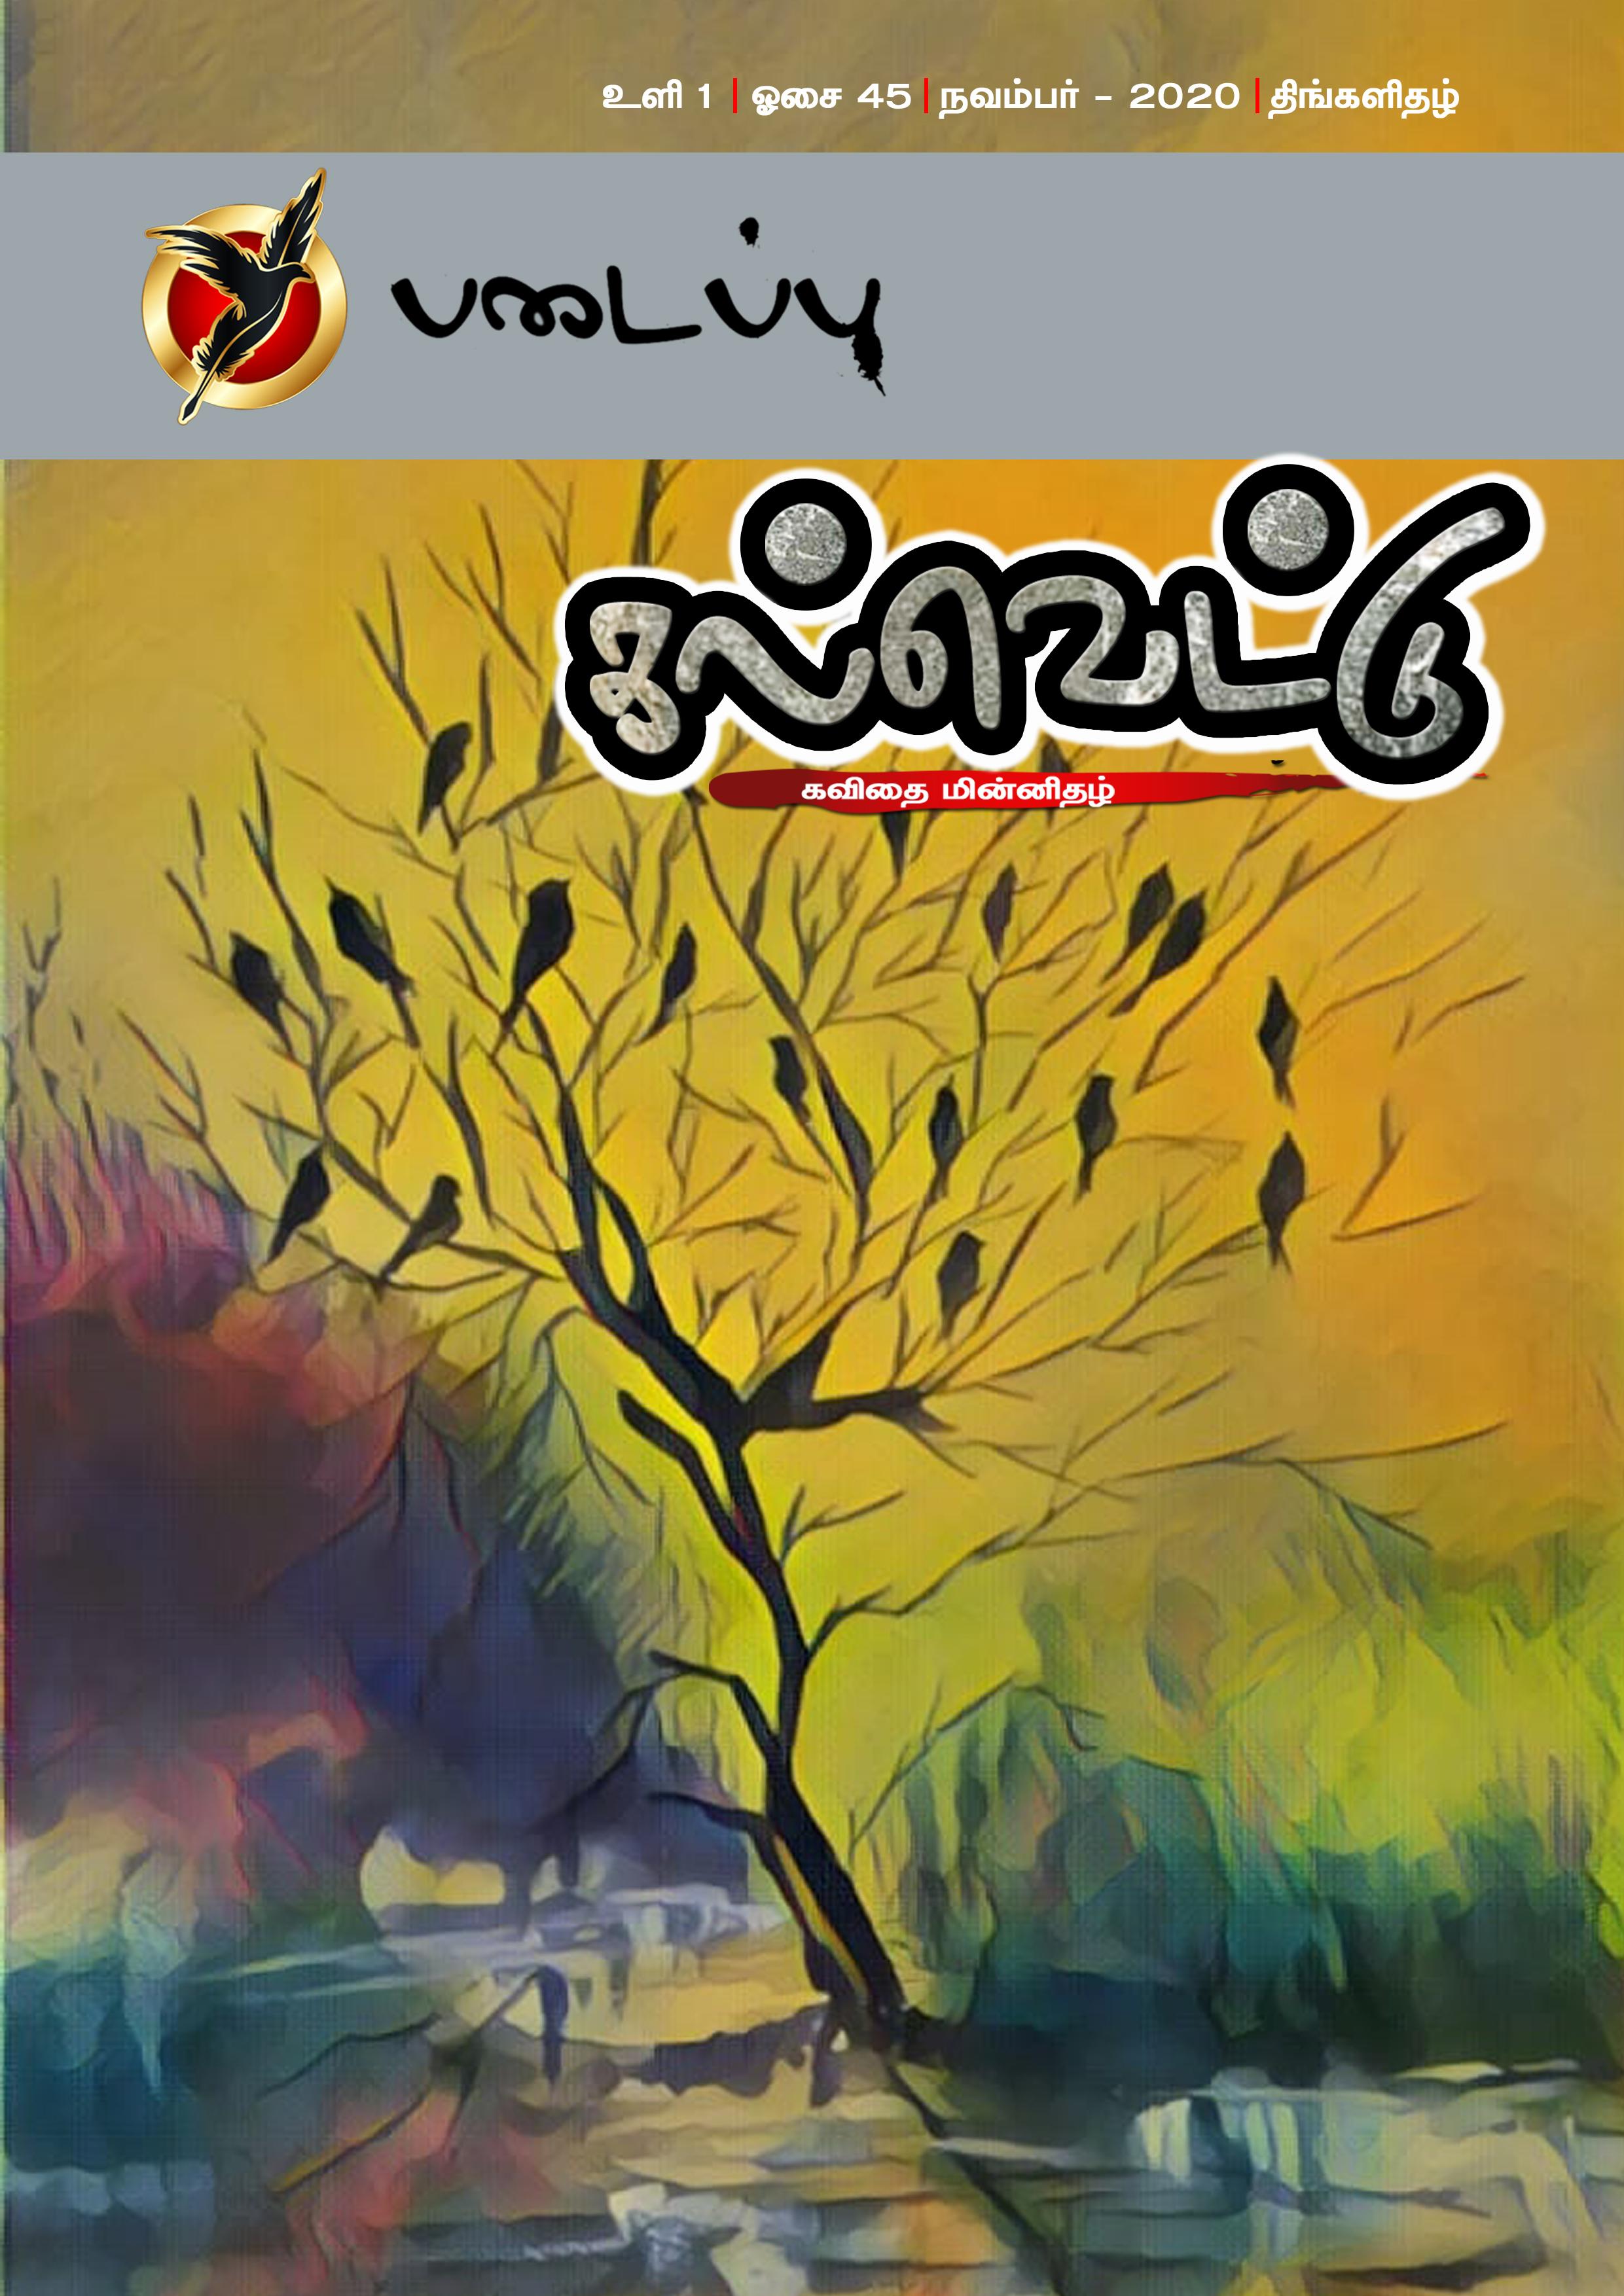 படைப்பு தகவு - கலை இலக்கிய திங்களிதழ் - 30